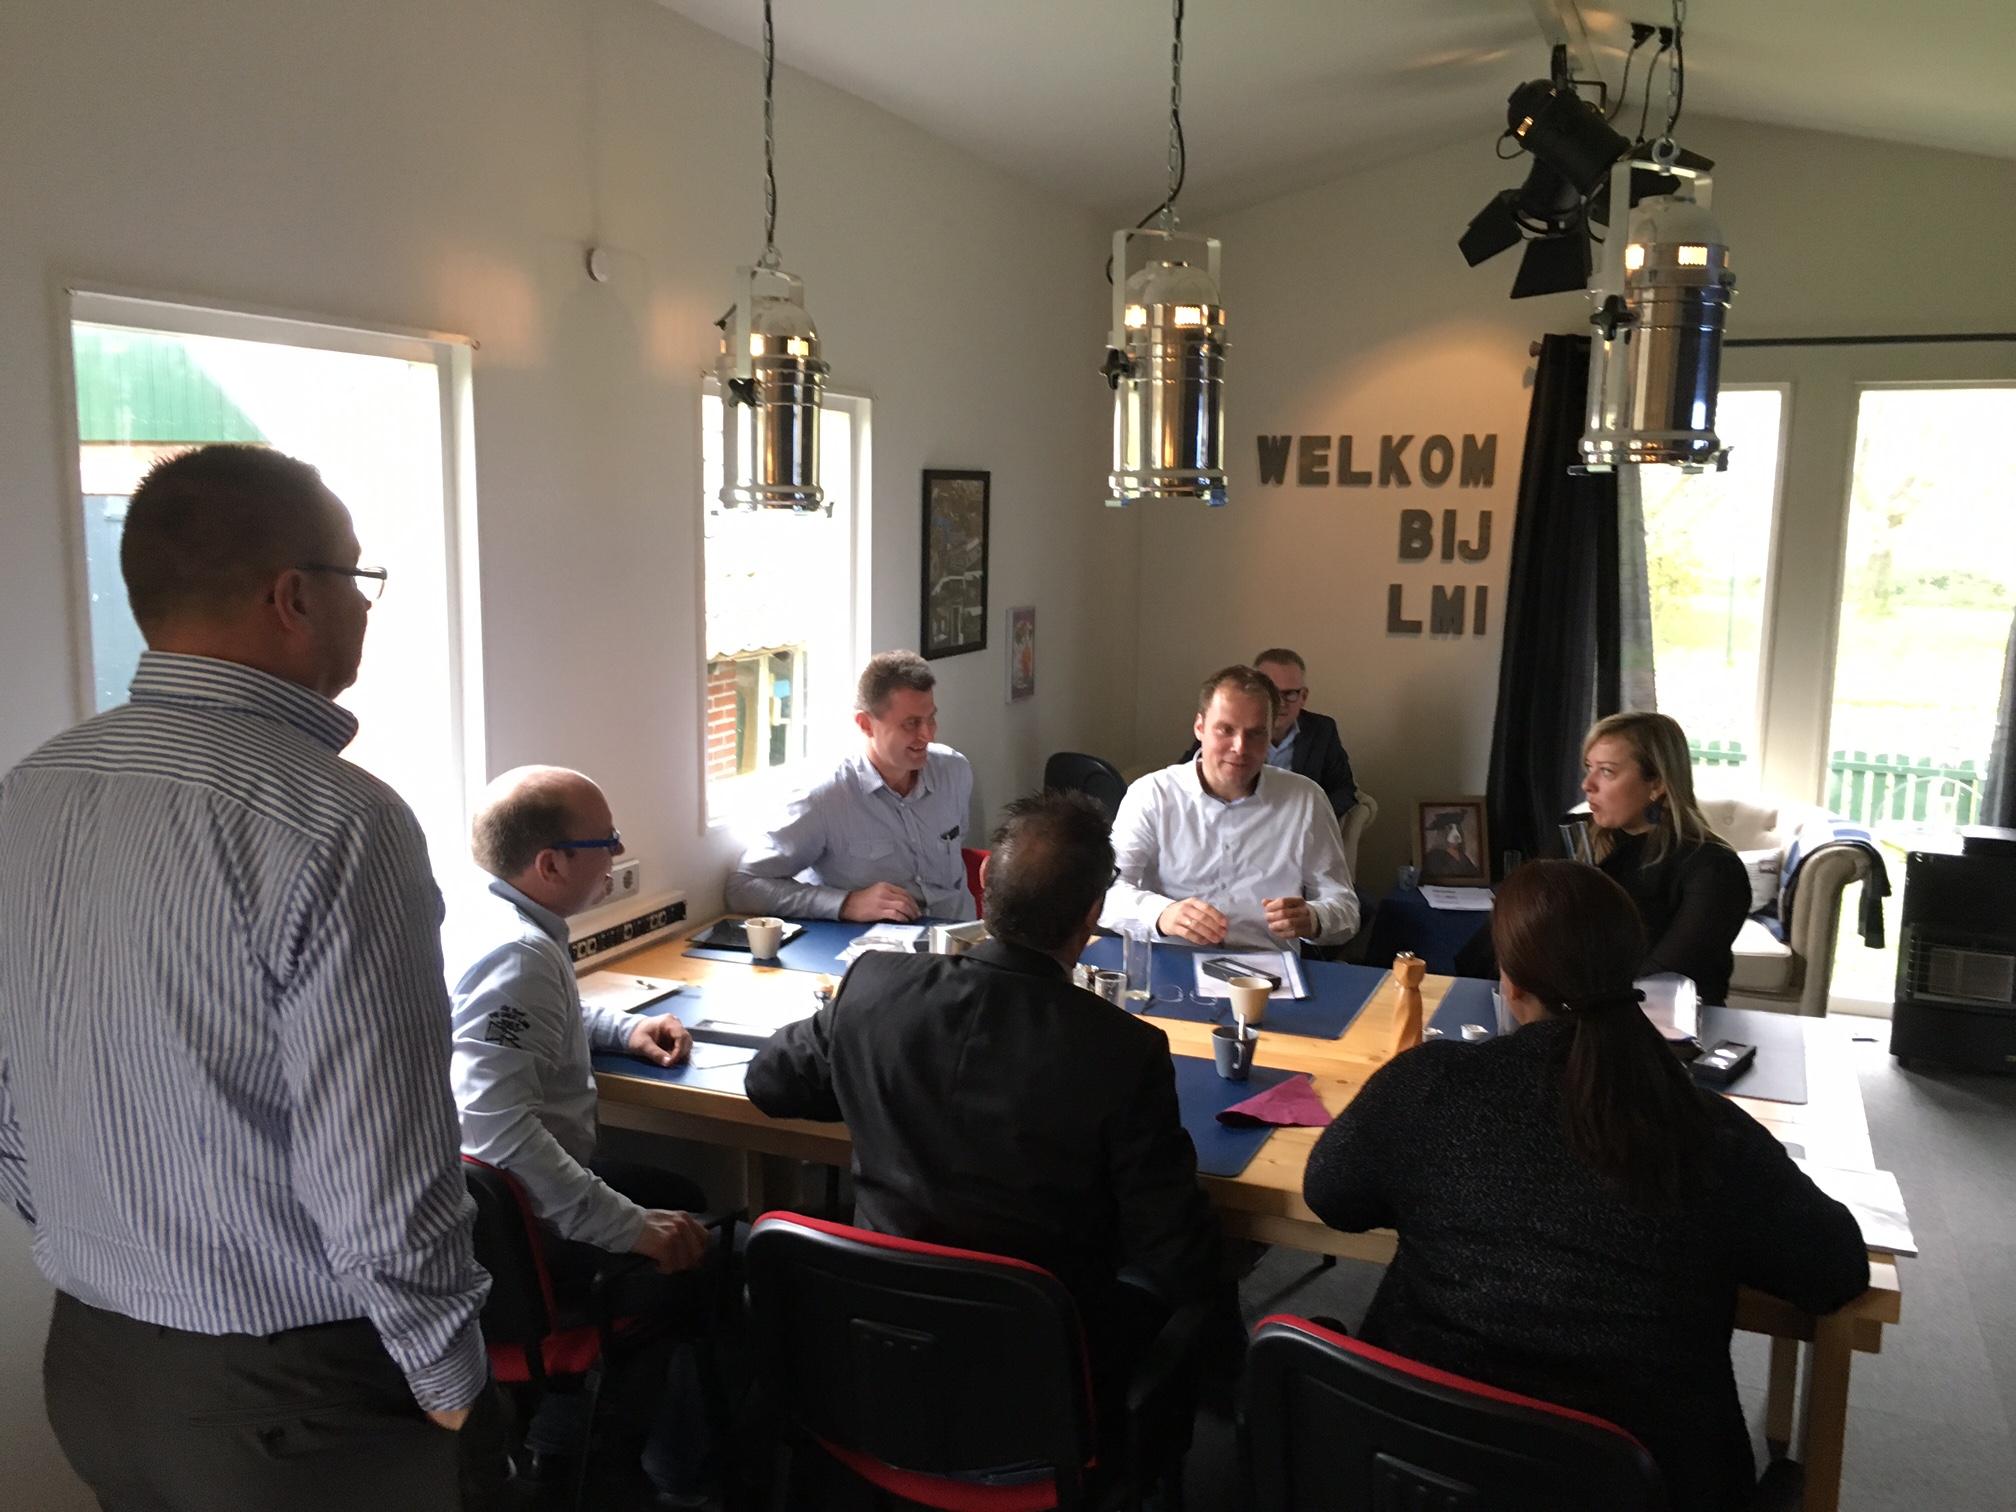 Ontbijtsessie met potentiële klanten in Oost-Gelderland